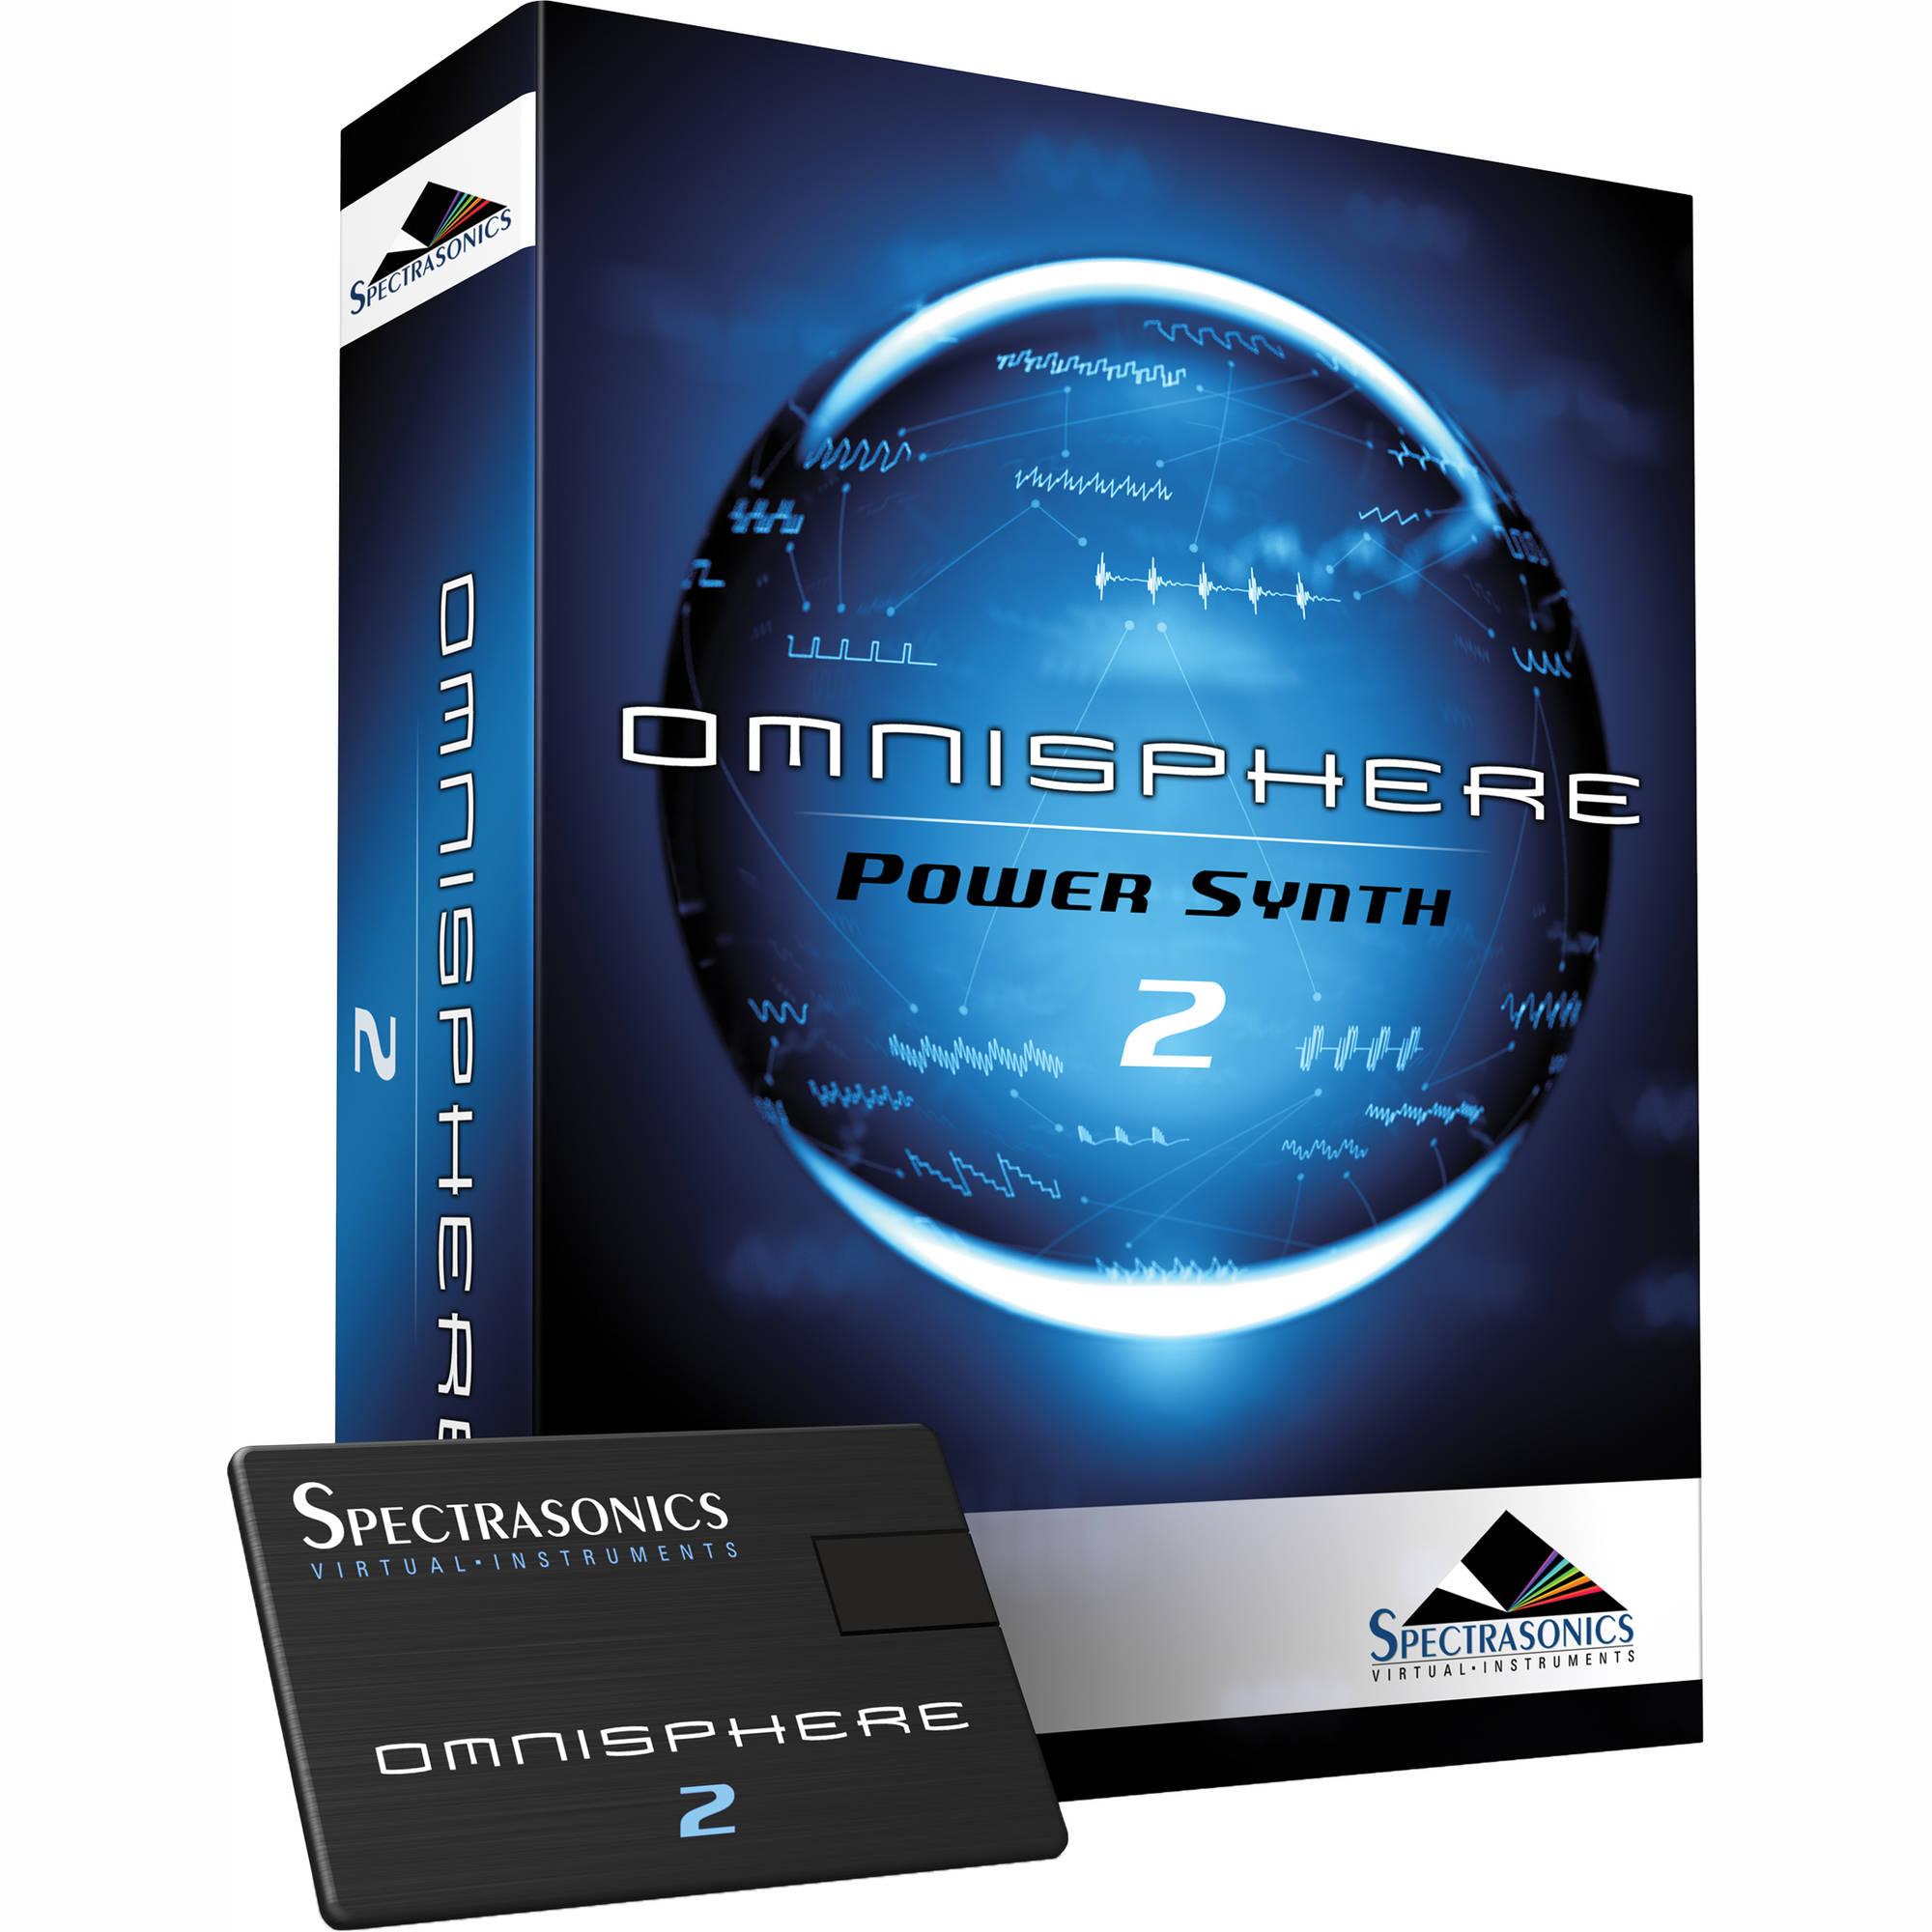 Spectrasonics omnisphere free patches